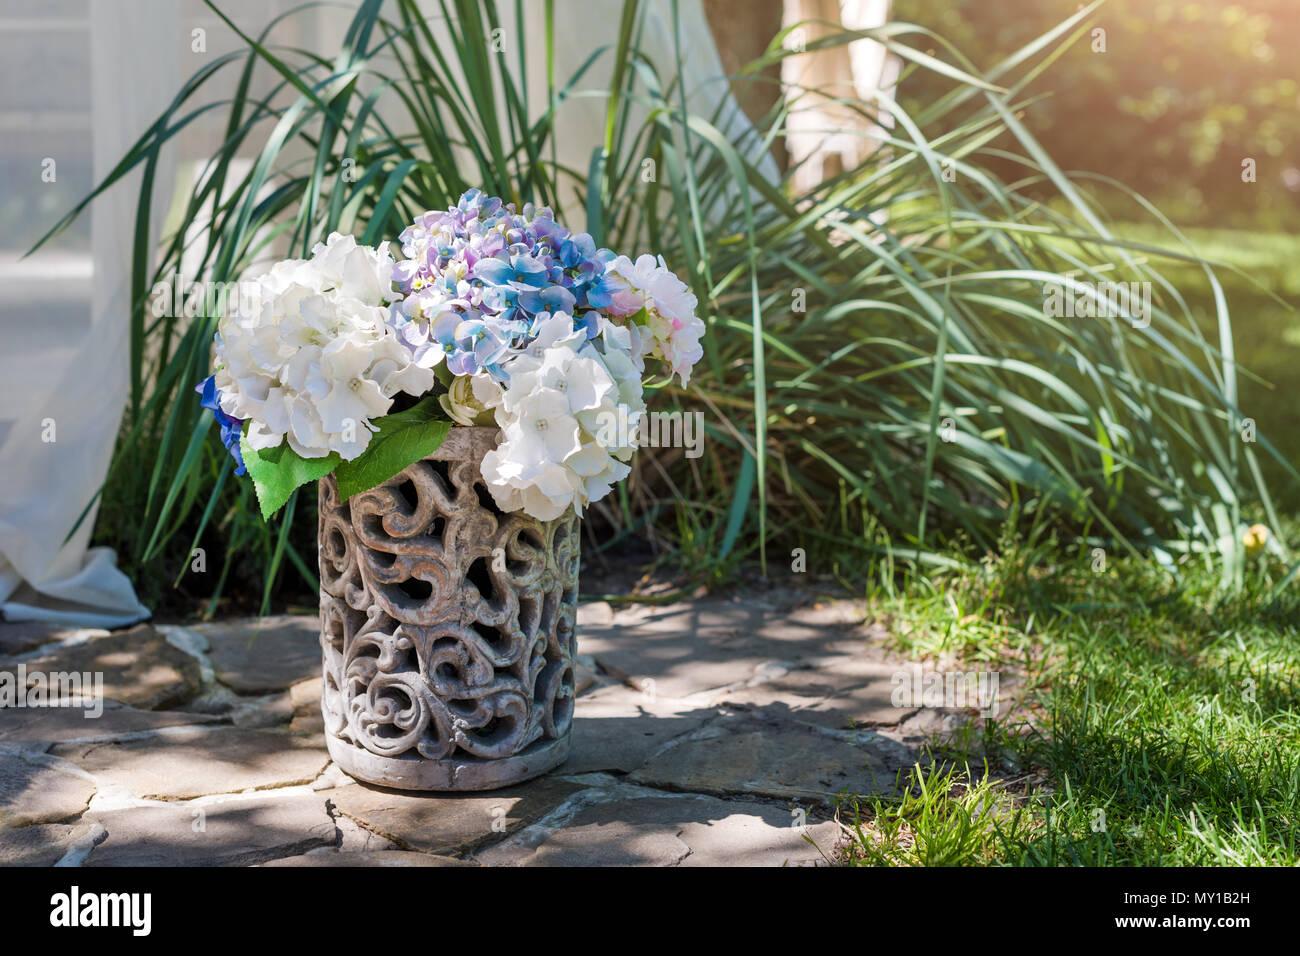 Arrangement de fleurs fraîches dans un vase dans le jardin. Bouquet ...